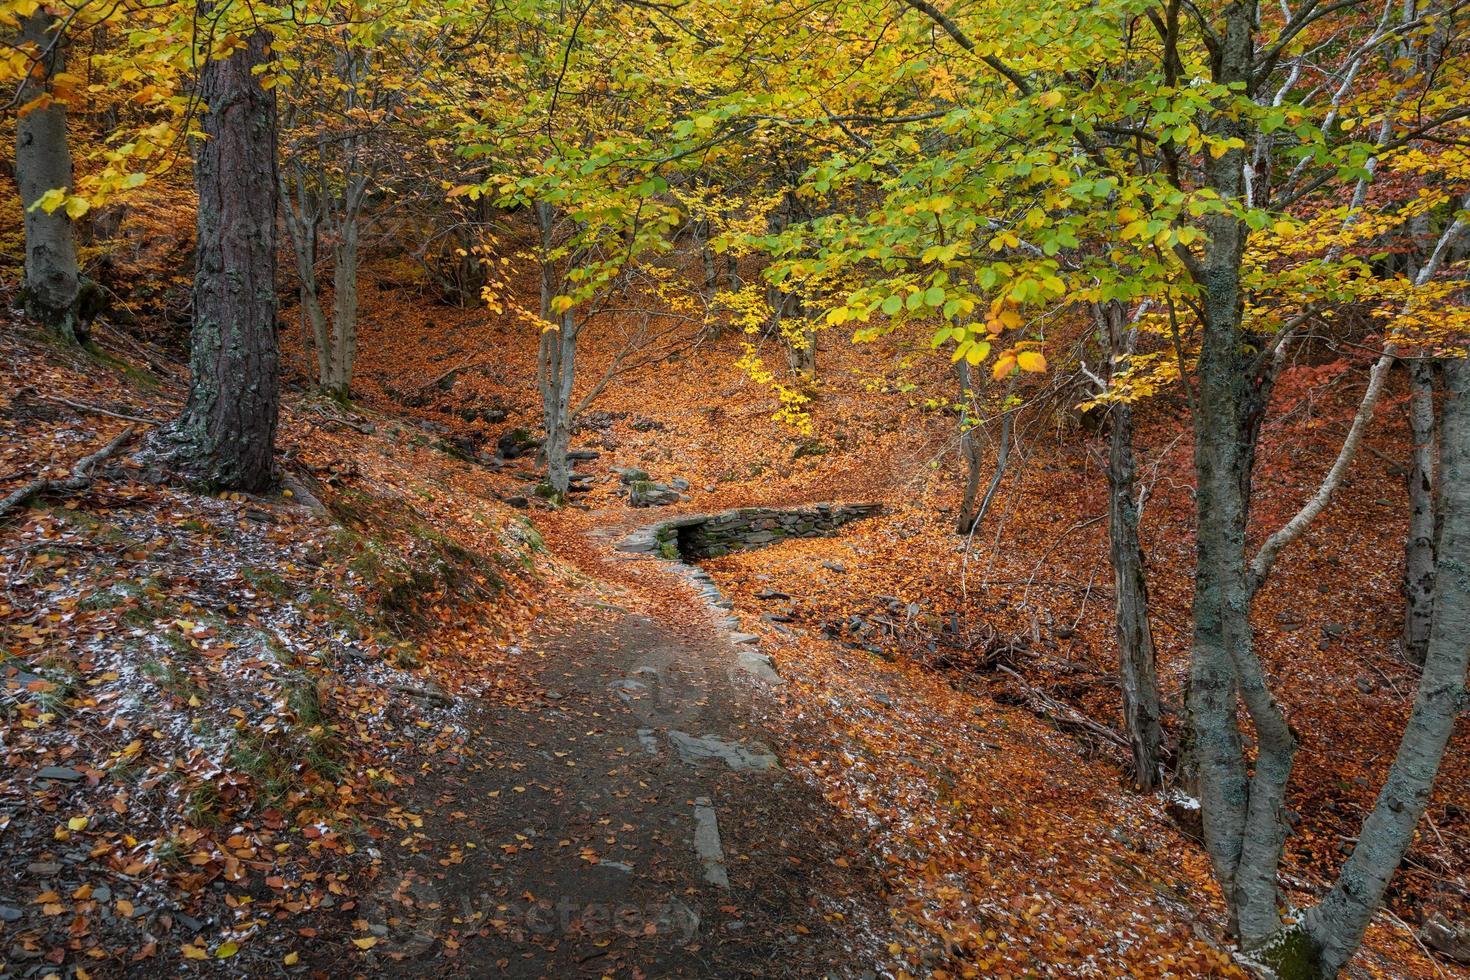 puente peatonal rústico en otoño foto